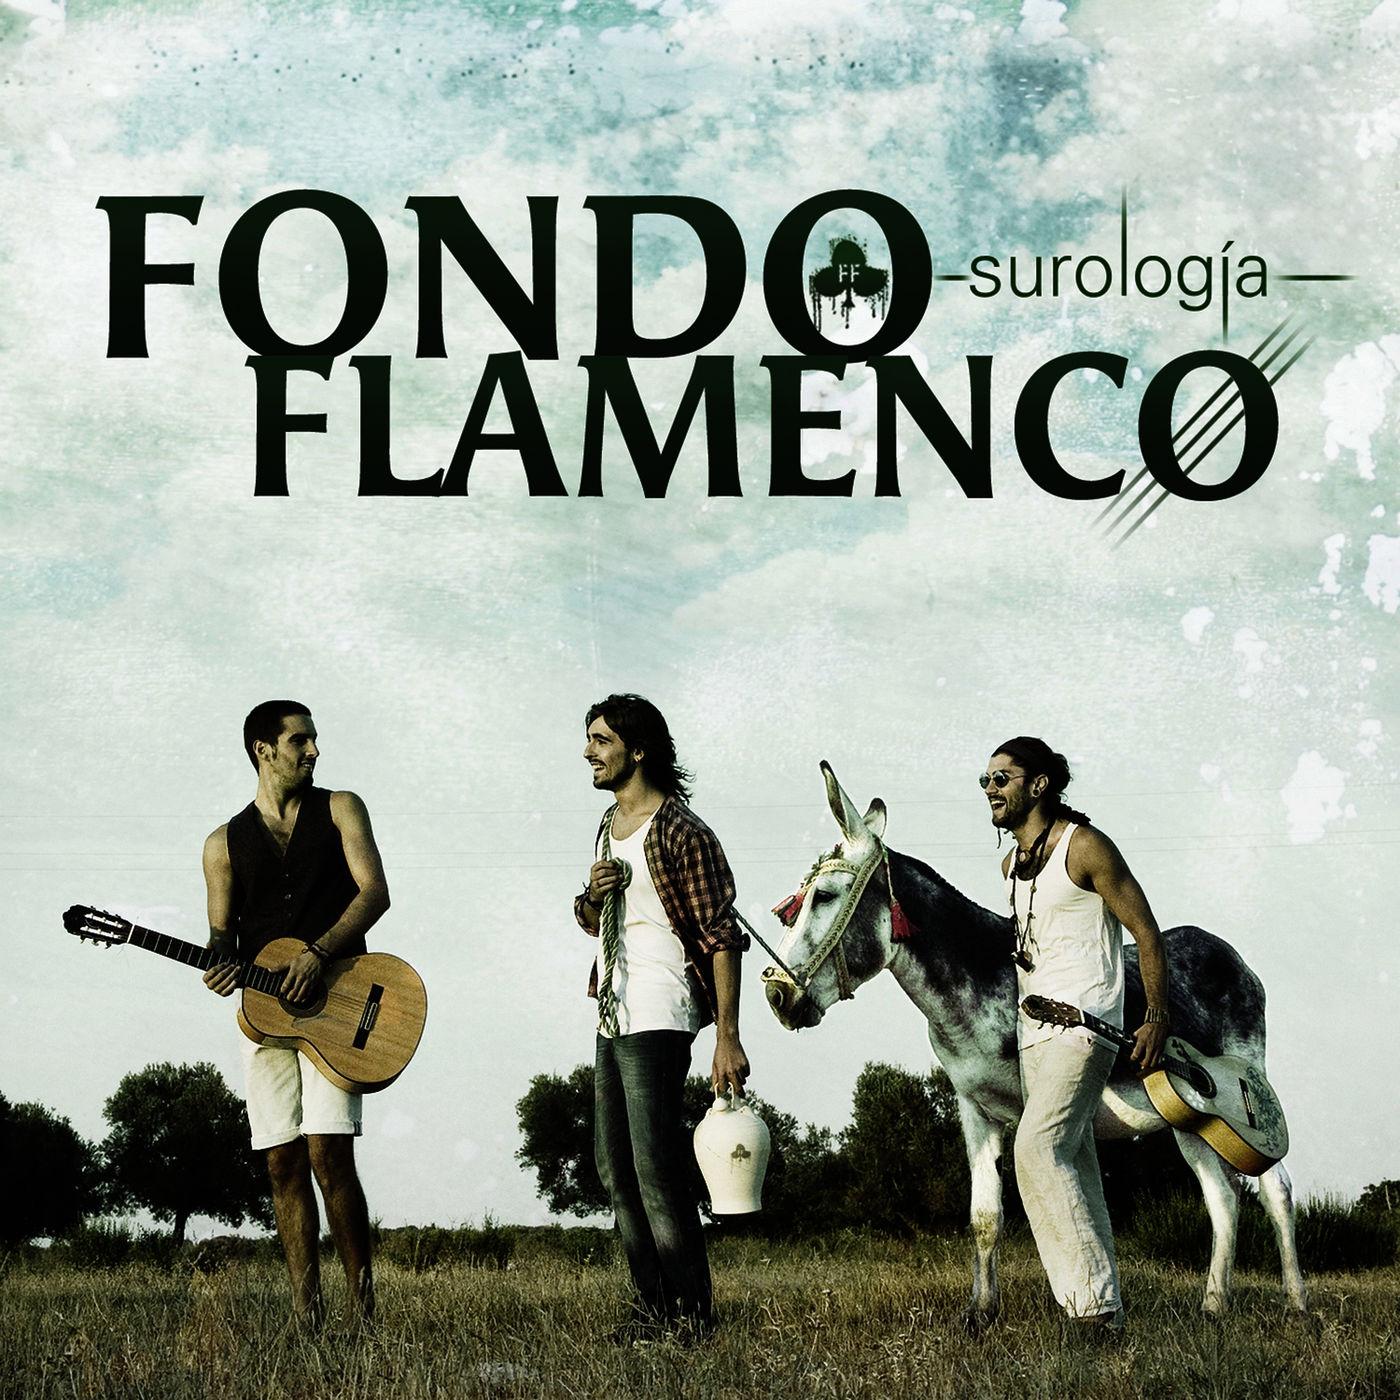 disco fondo flamenco surologia